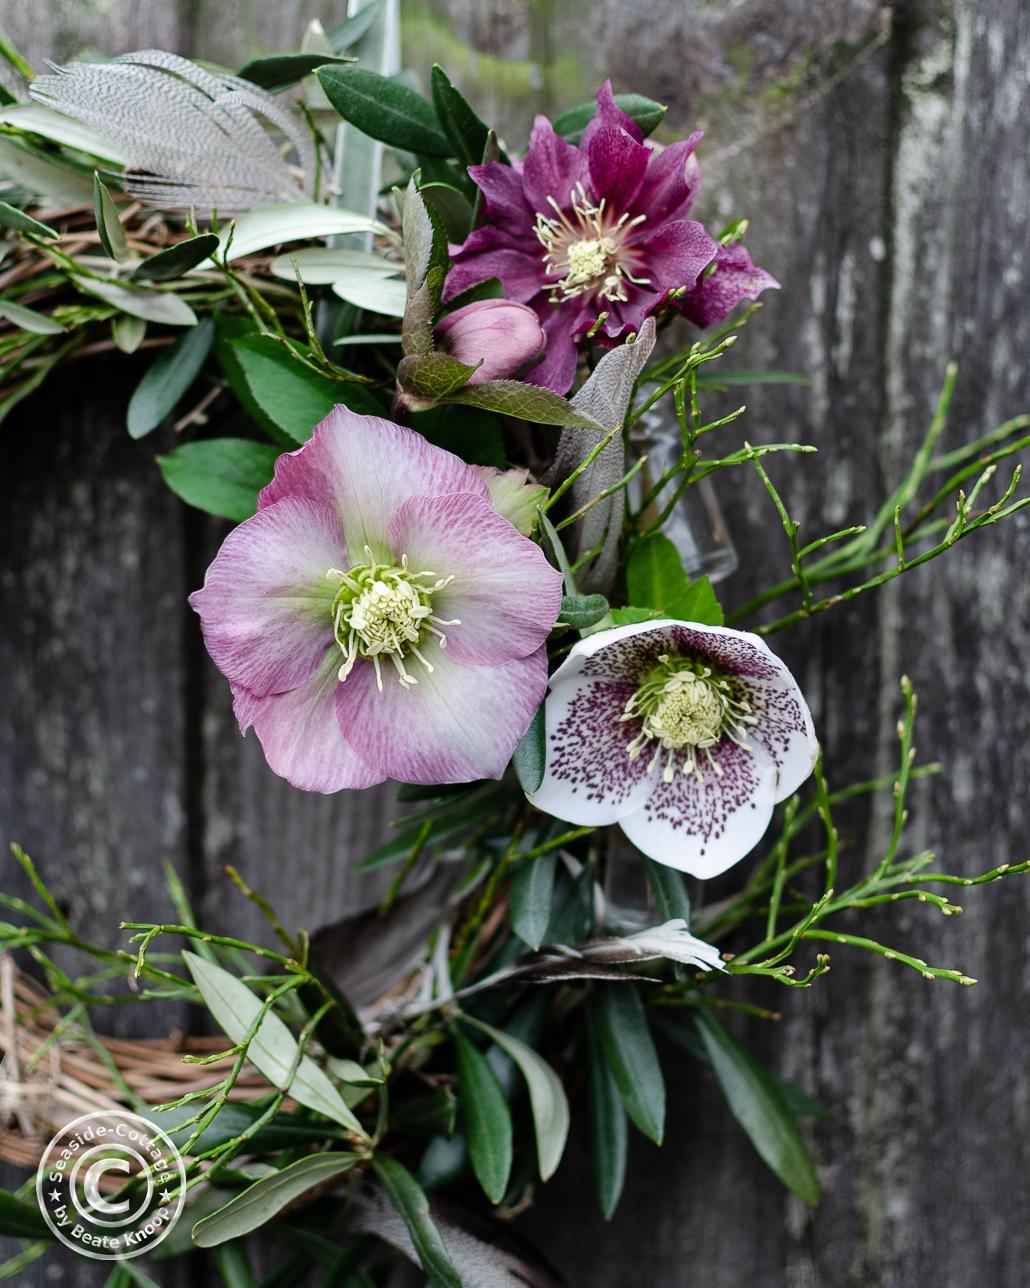 Lenzrosenblüten in rosa, dunkelpin und wei´ß mit Sprenkeln, dekoriert auf einem Rebkranz mit Olivenzweigen und Heidelbeergrün